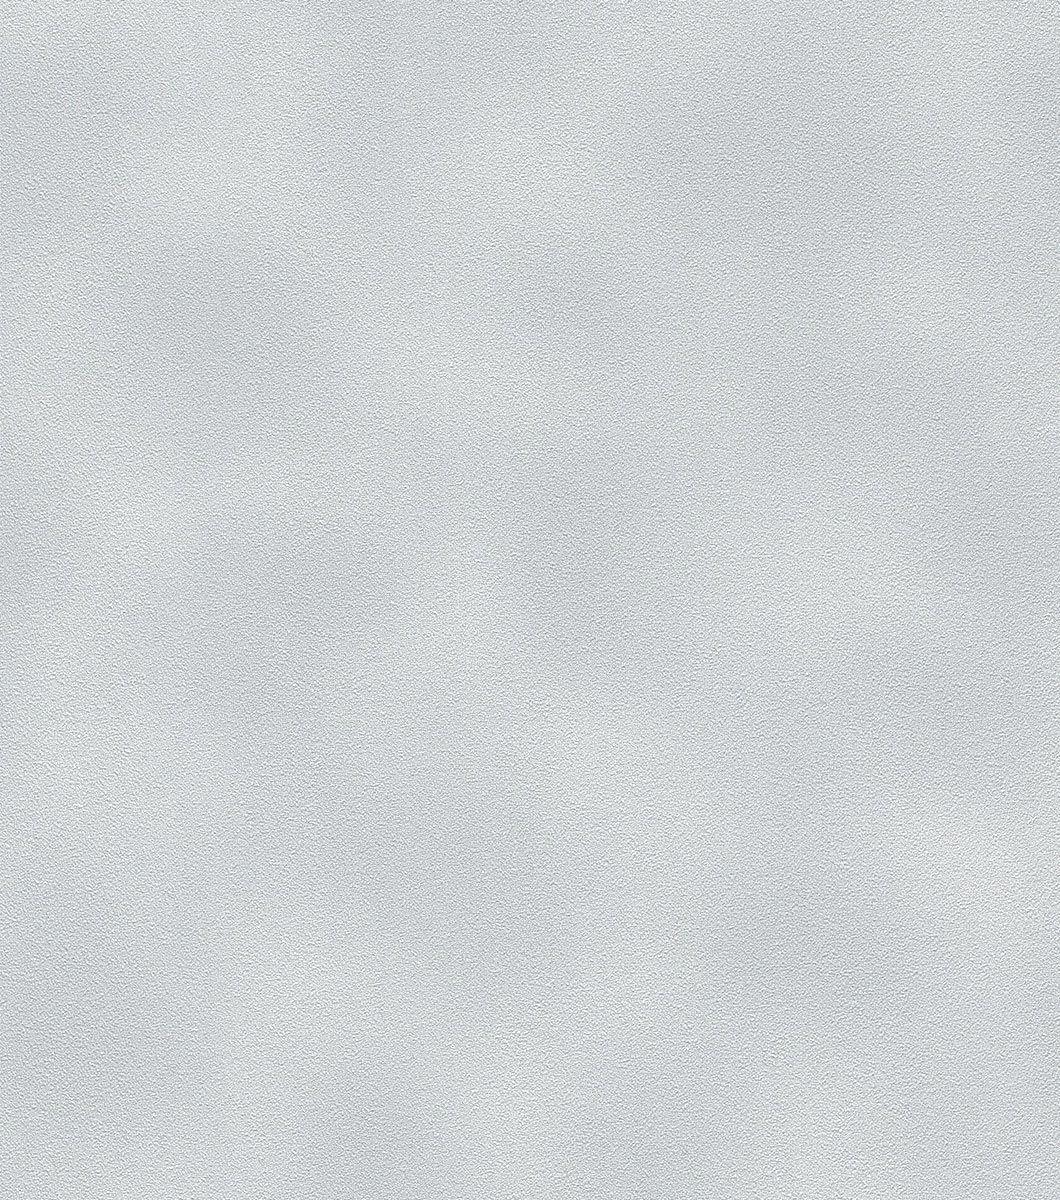 Papier peint uni souris Eden intissé